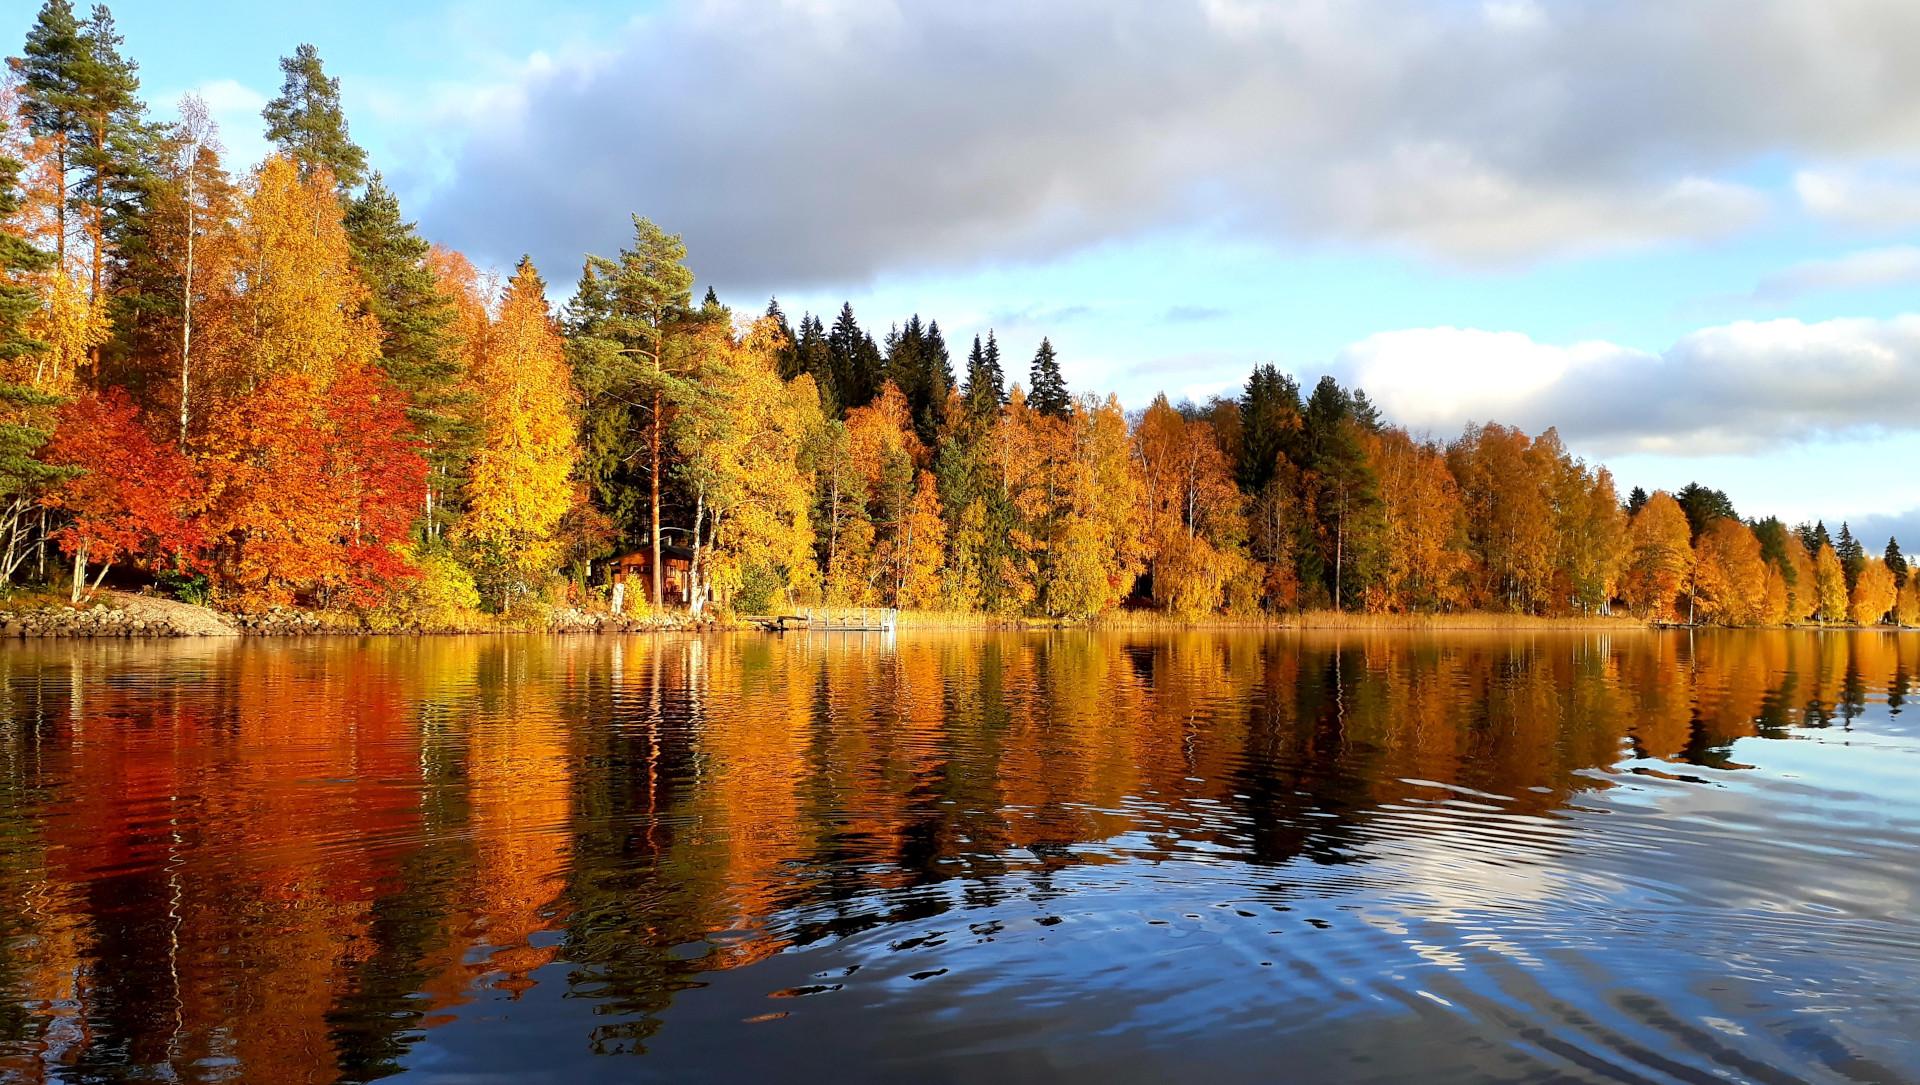 Ruskamaisema järveltä rantaan päin